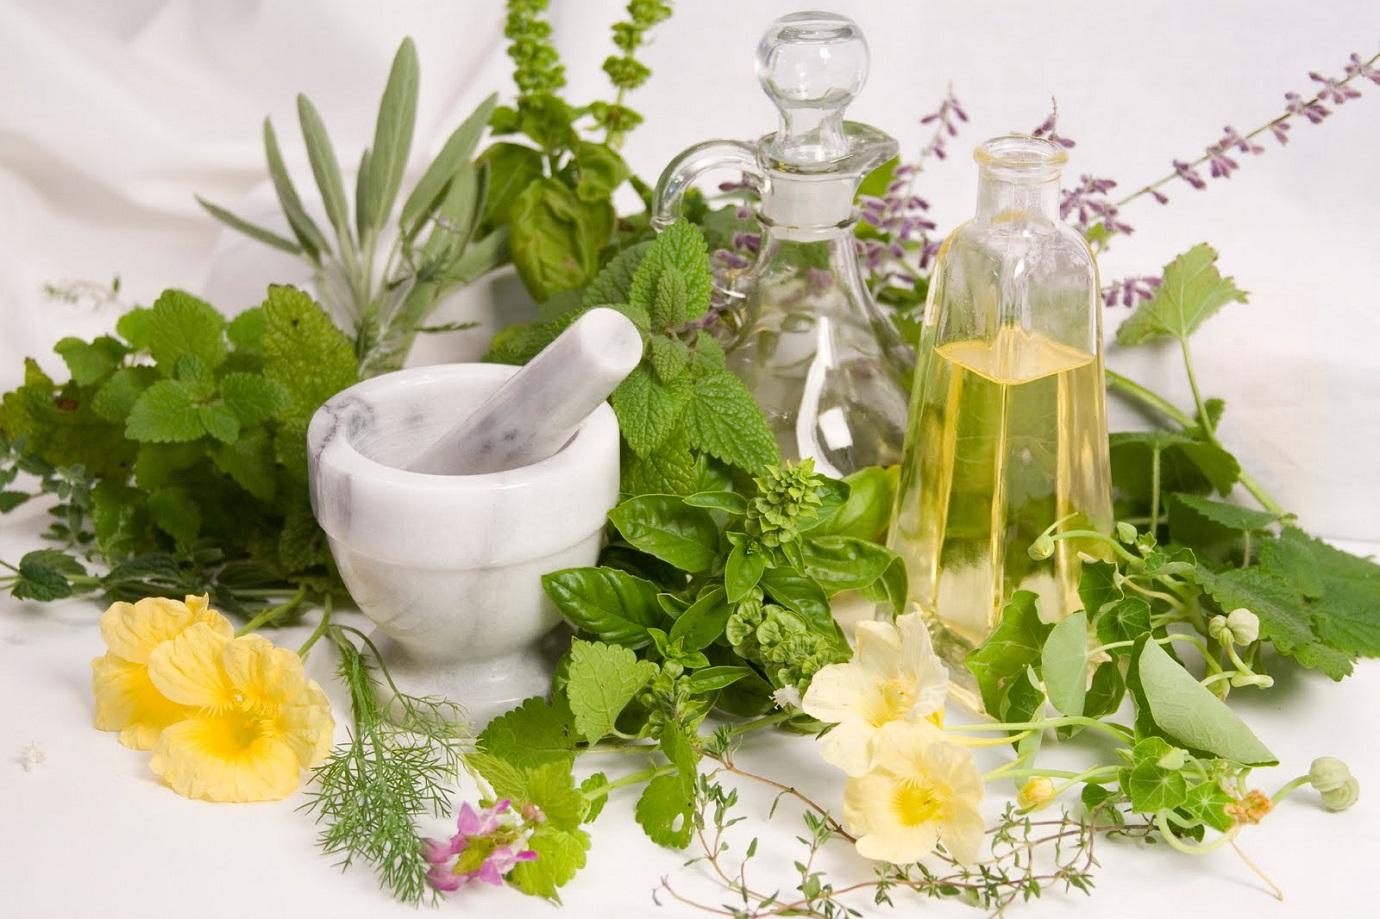 Welche Vorteile haben Naturprodukte?